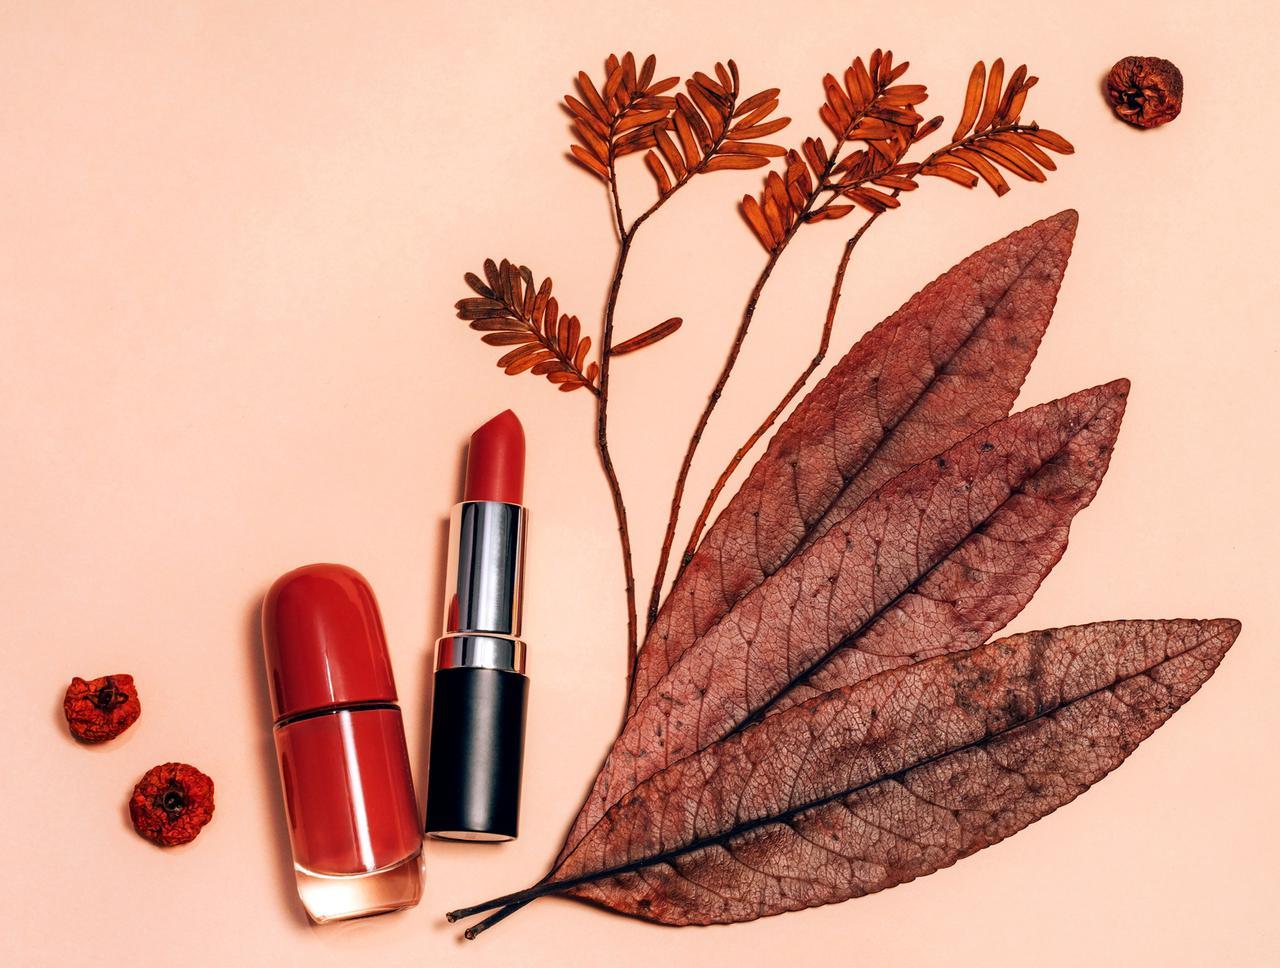 画像: この秋に流行る4つのメイク法